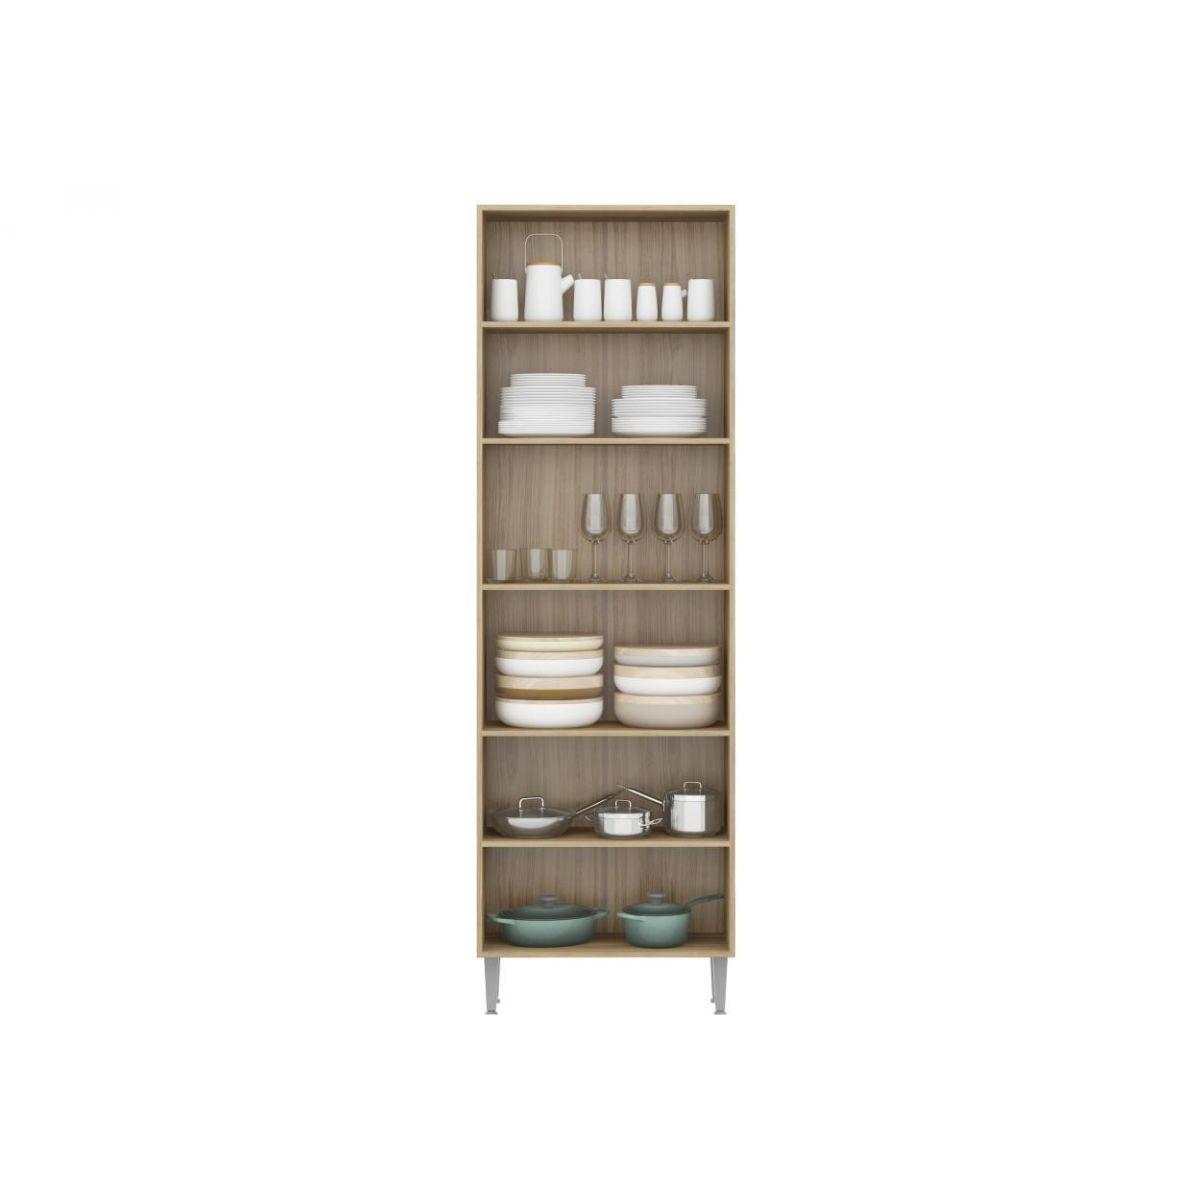 Paneleiro Modulado de 70 cm com Porta de Vidro para Cozinha 5021 Toscana - Multimóveis